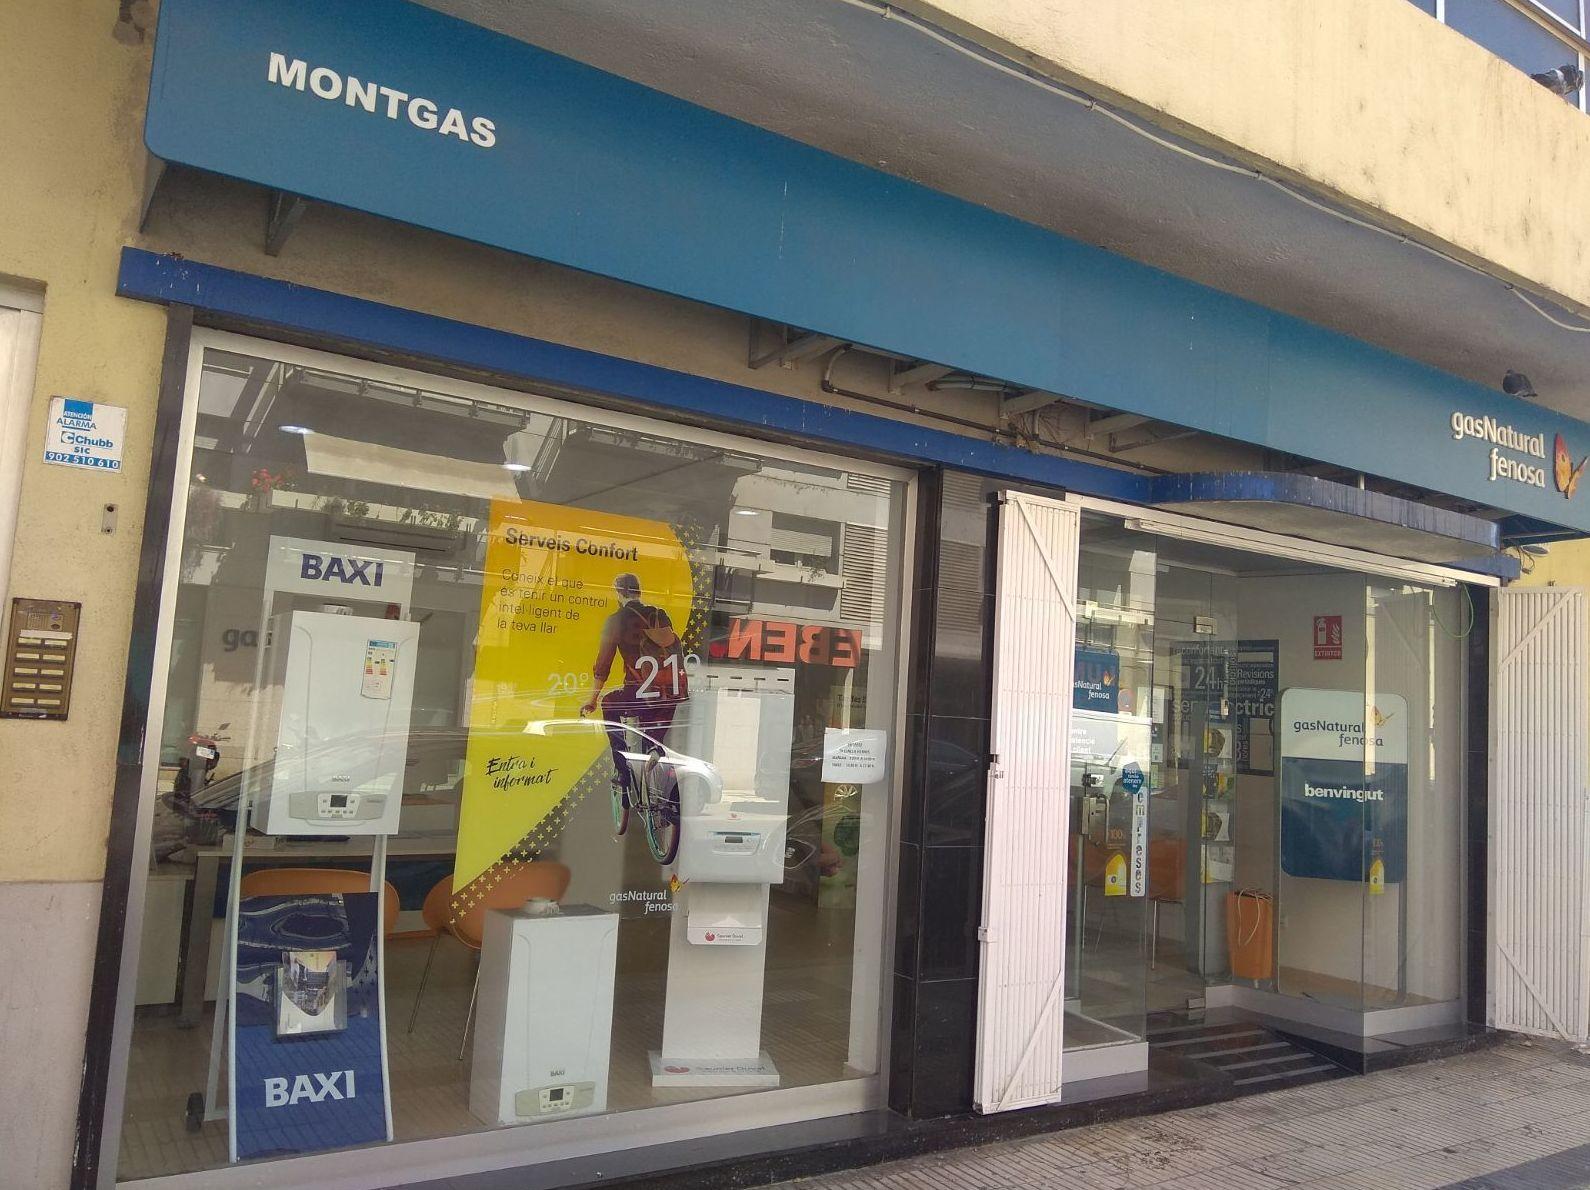 Foto 1 de Venta y reparación de calderas, calentadores, aires acondicionados y electrodomésticos en - Castelló de la Plana | J.L. Montgas, S.L.